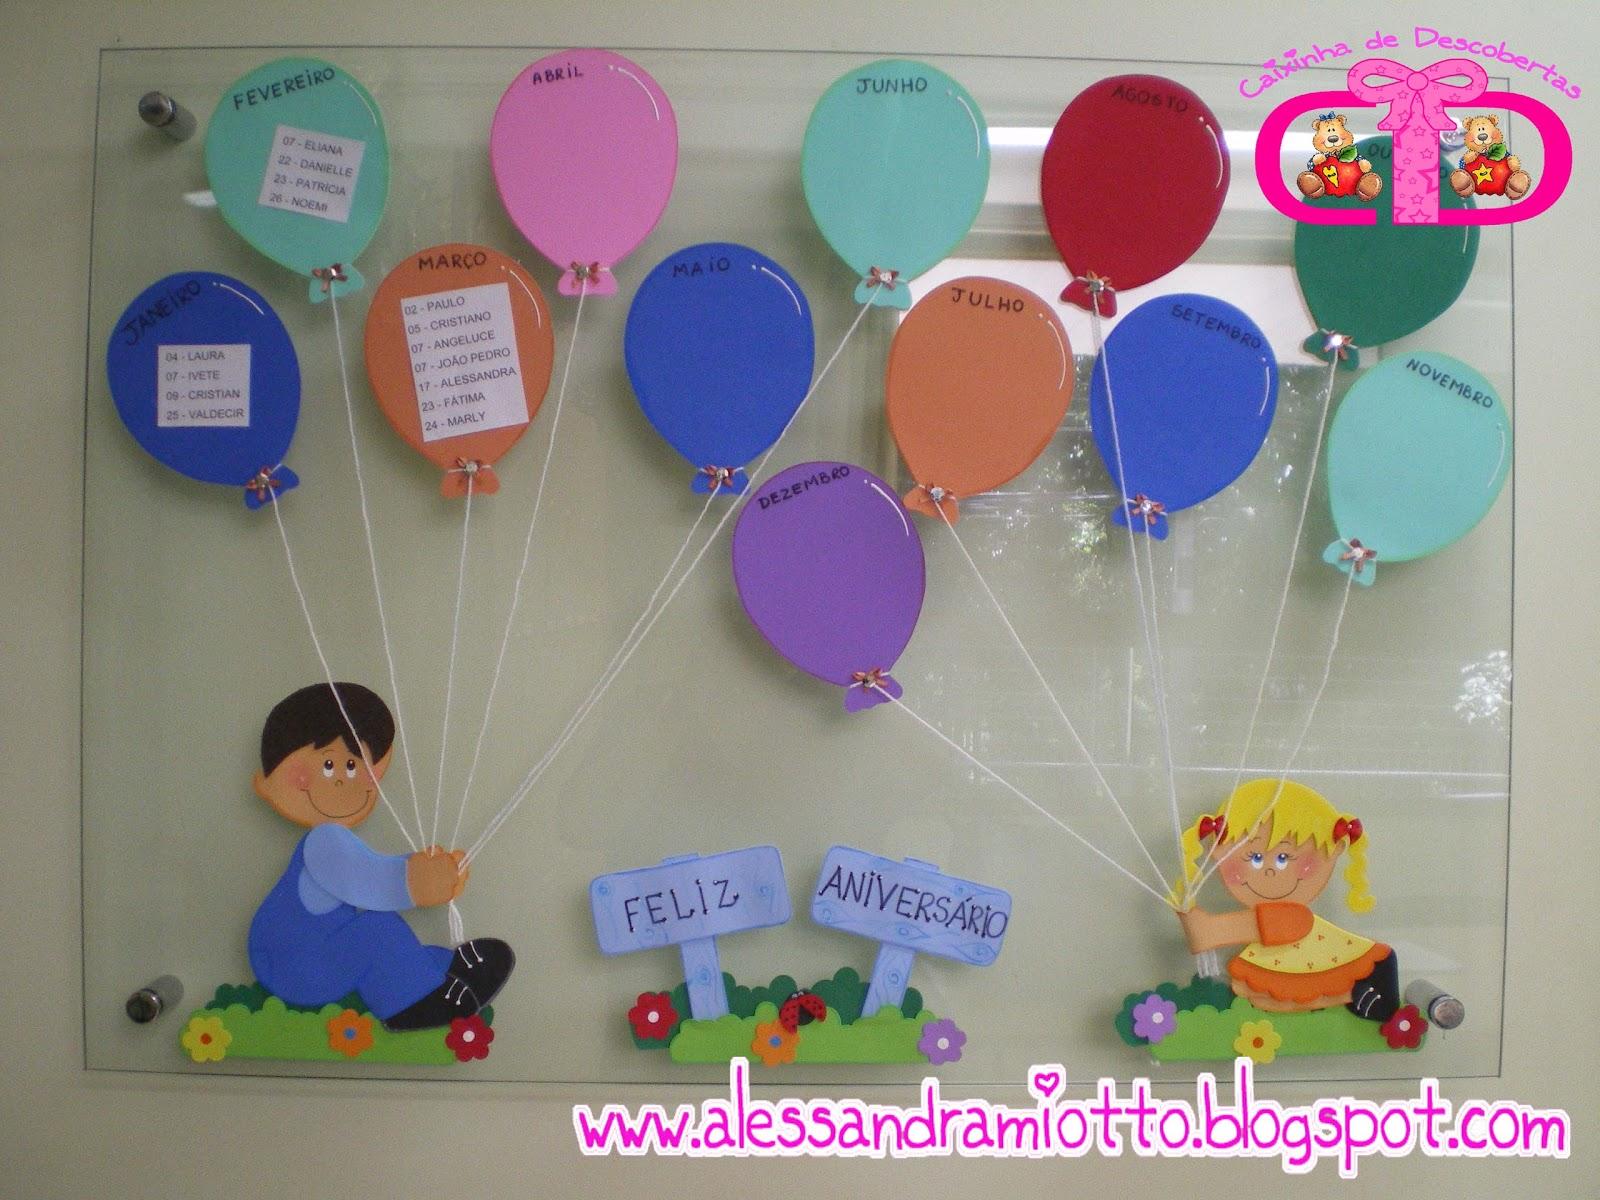 Caixinha De Descobertas Painel De Aniversário Crianças Com Balões